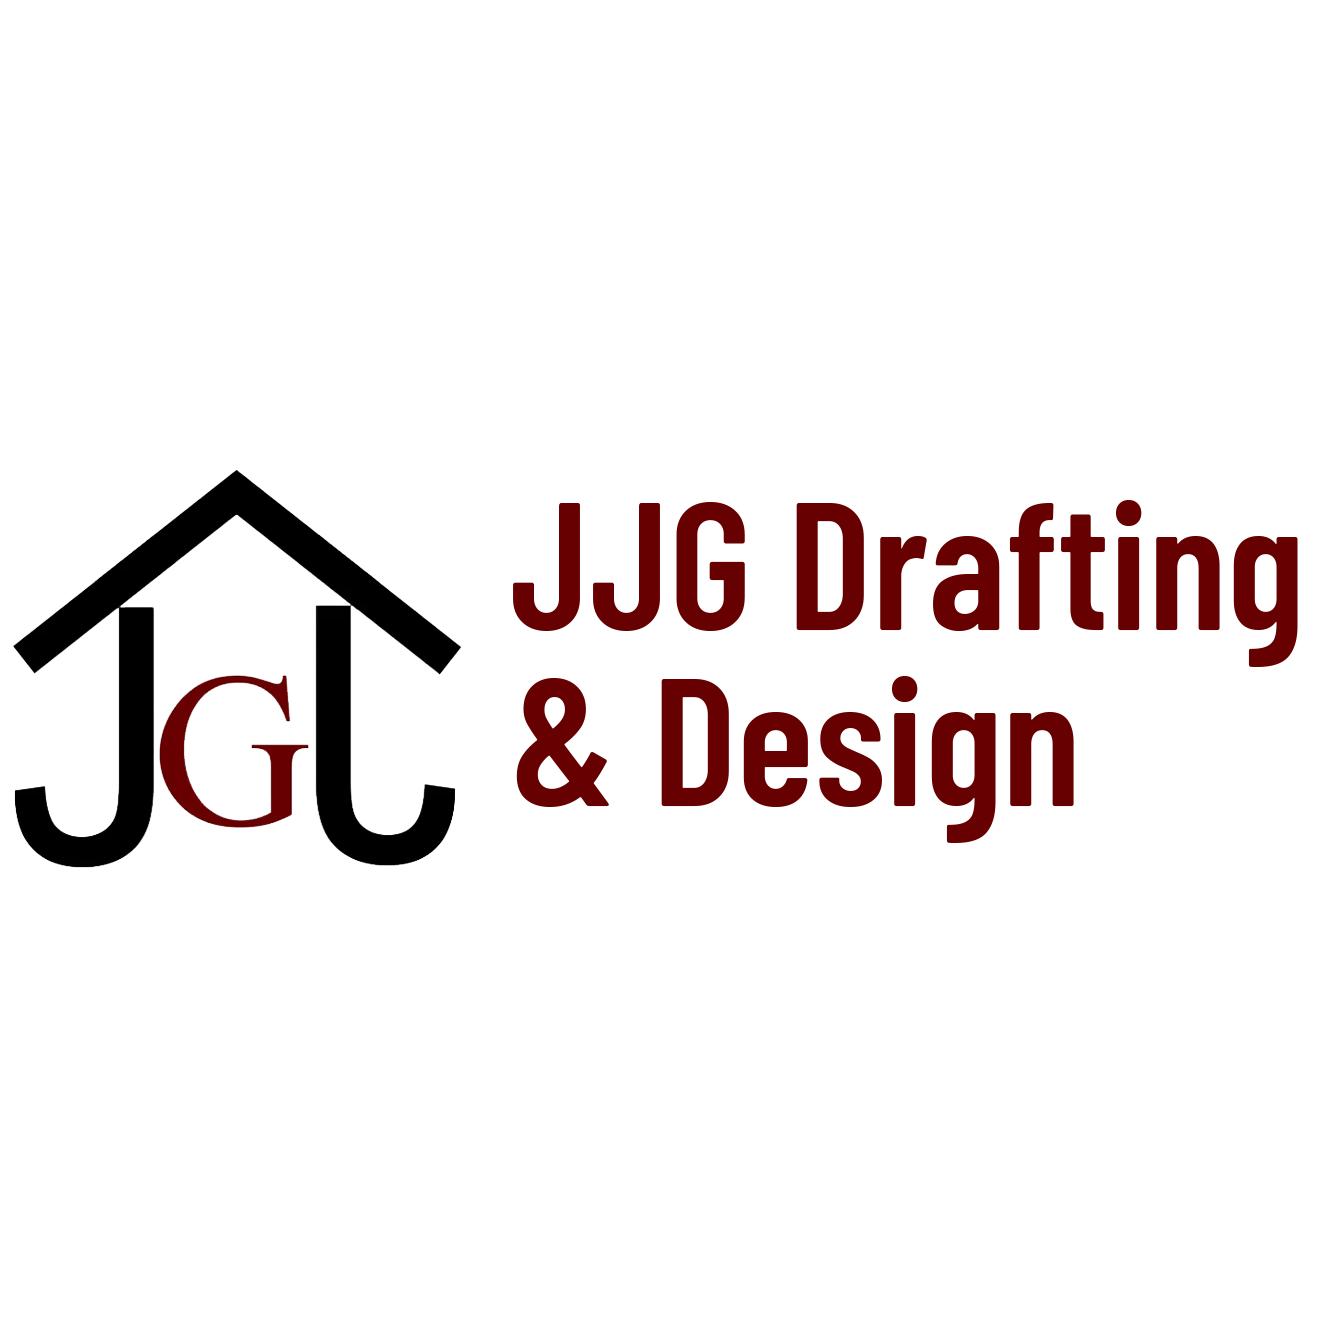 JJG Drafting and Design